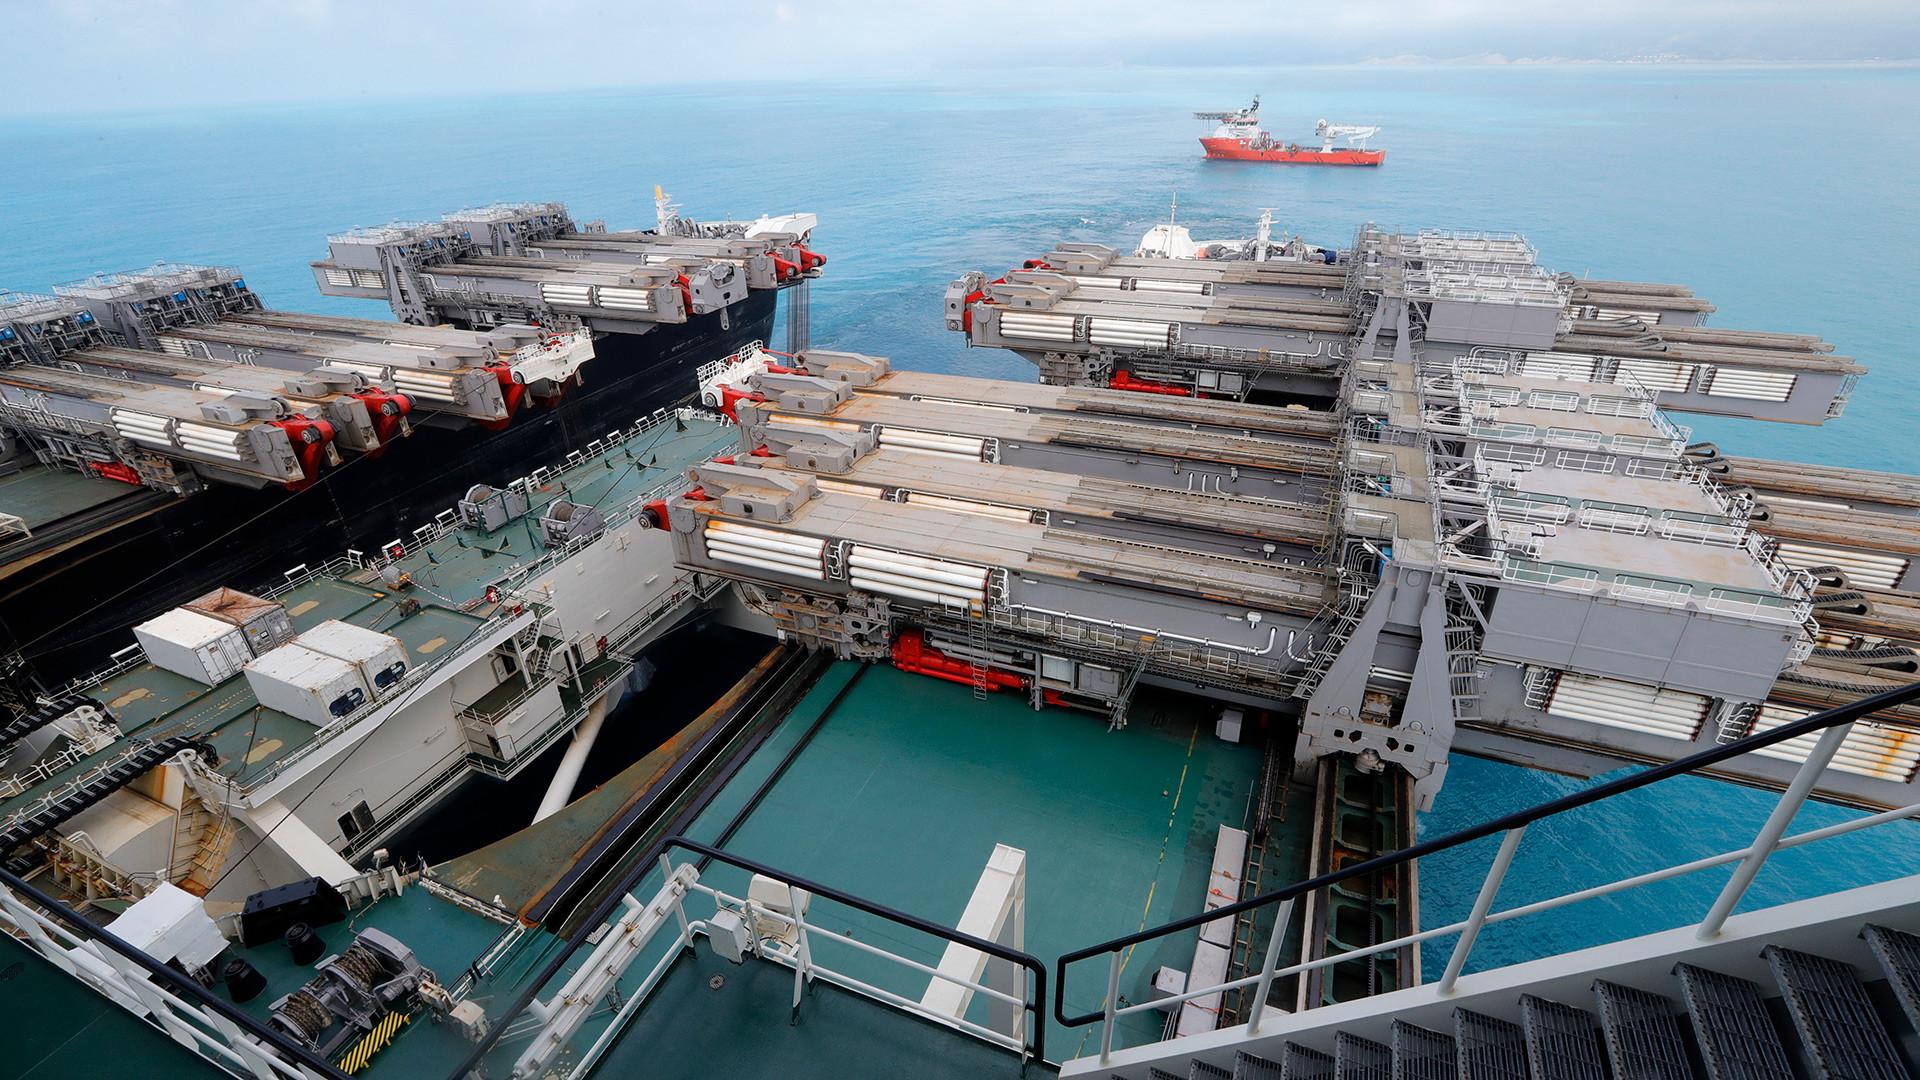 """Краснодарски крај, 23. јун 2017. На броду Pioneering Spirit, за постављање цеви гасовода на велику дубину, који треба да споји дубинску и плићу деоницу гасовода """"Турски ток"""" у Црном мору, 50 км од Анапе."""